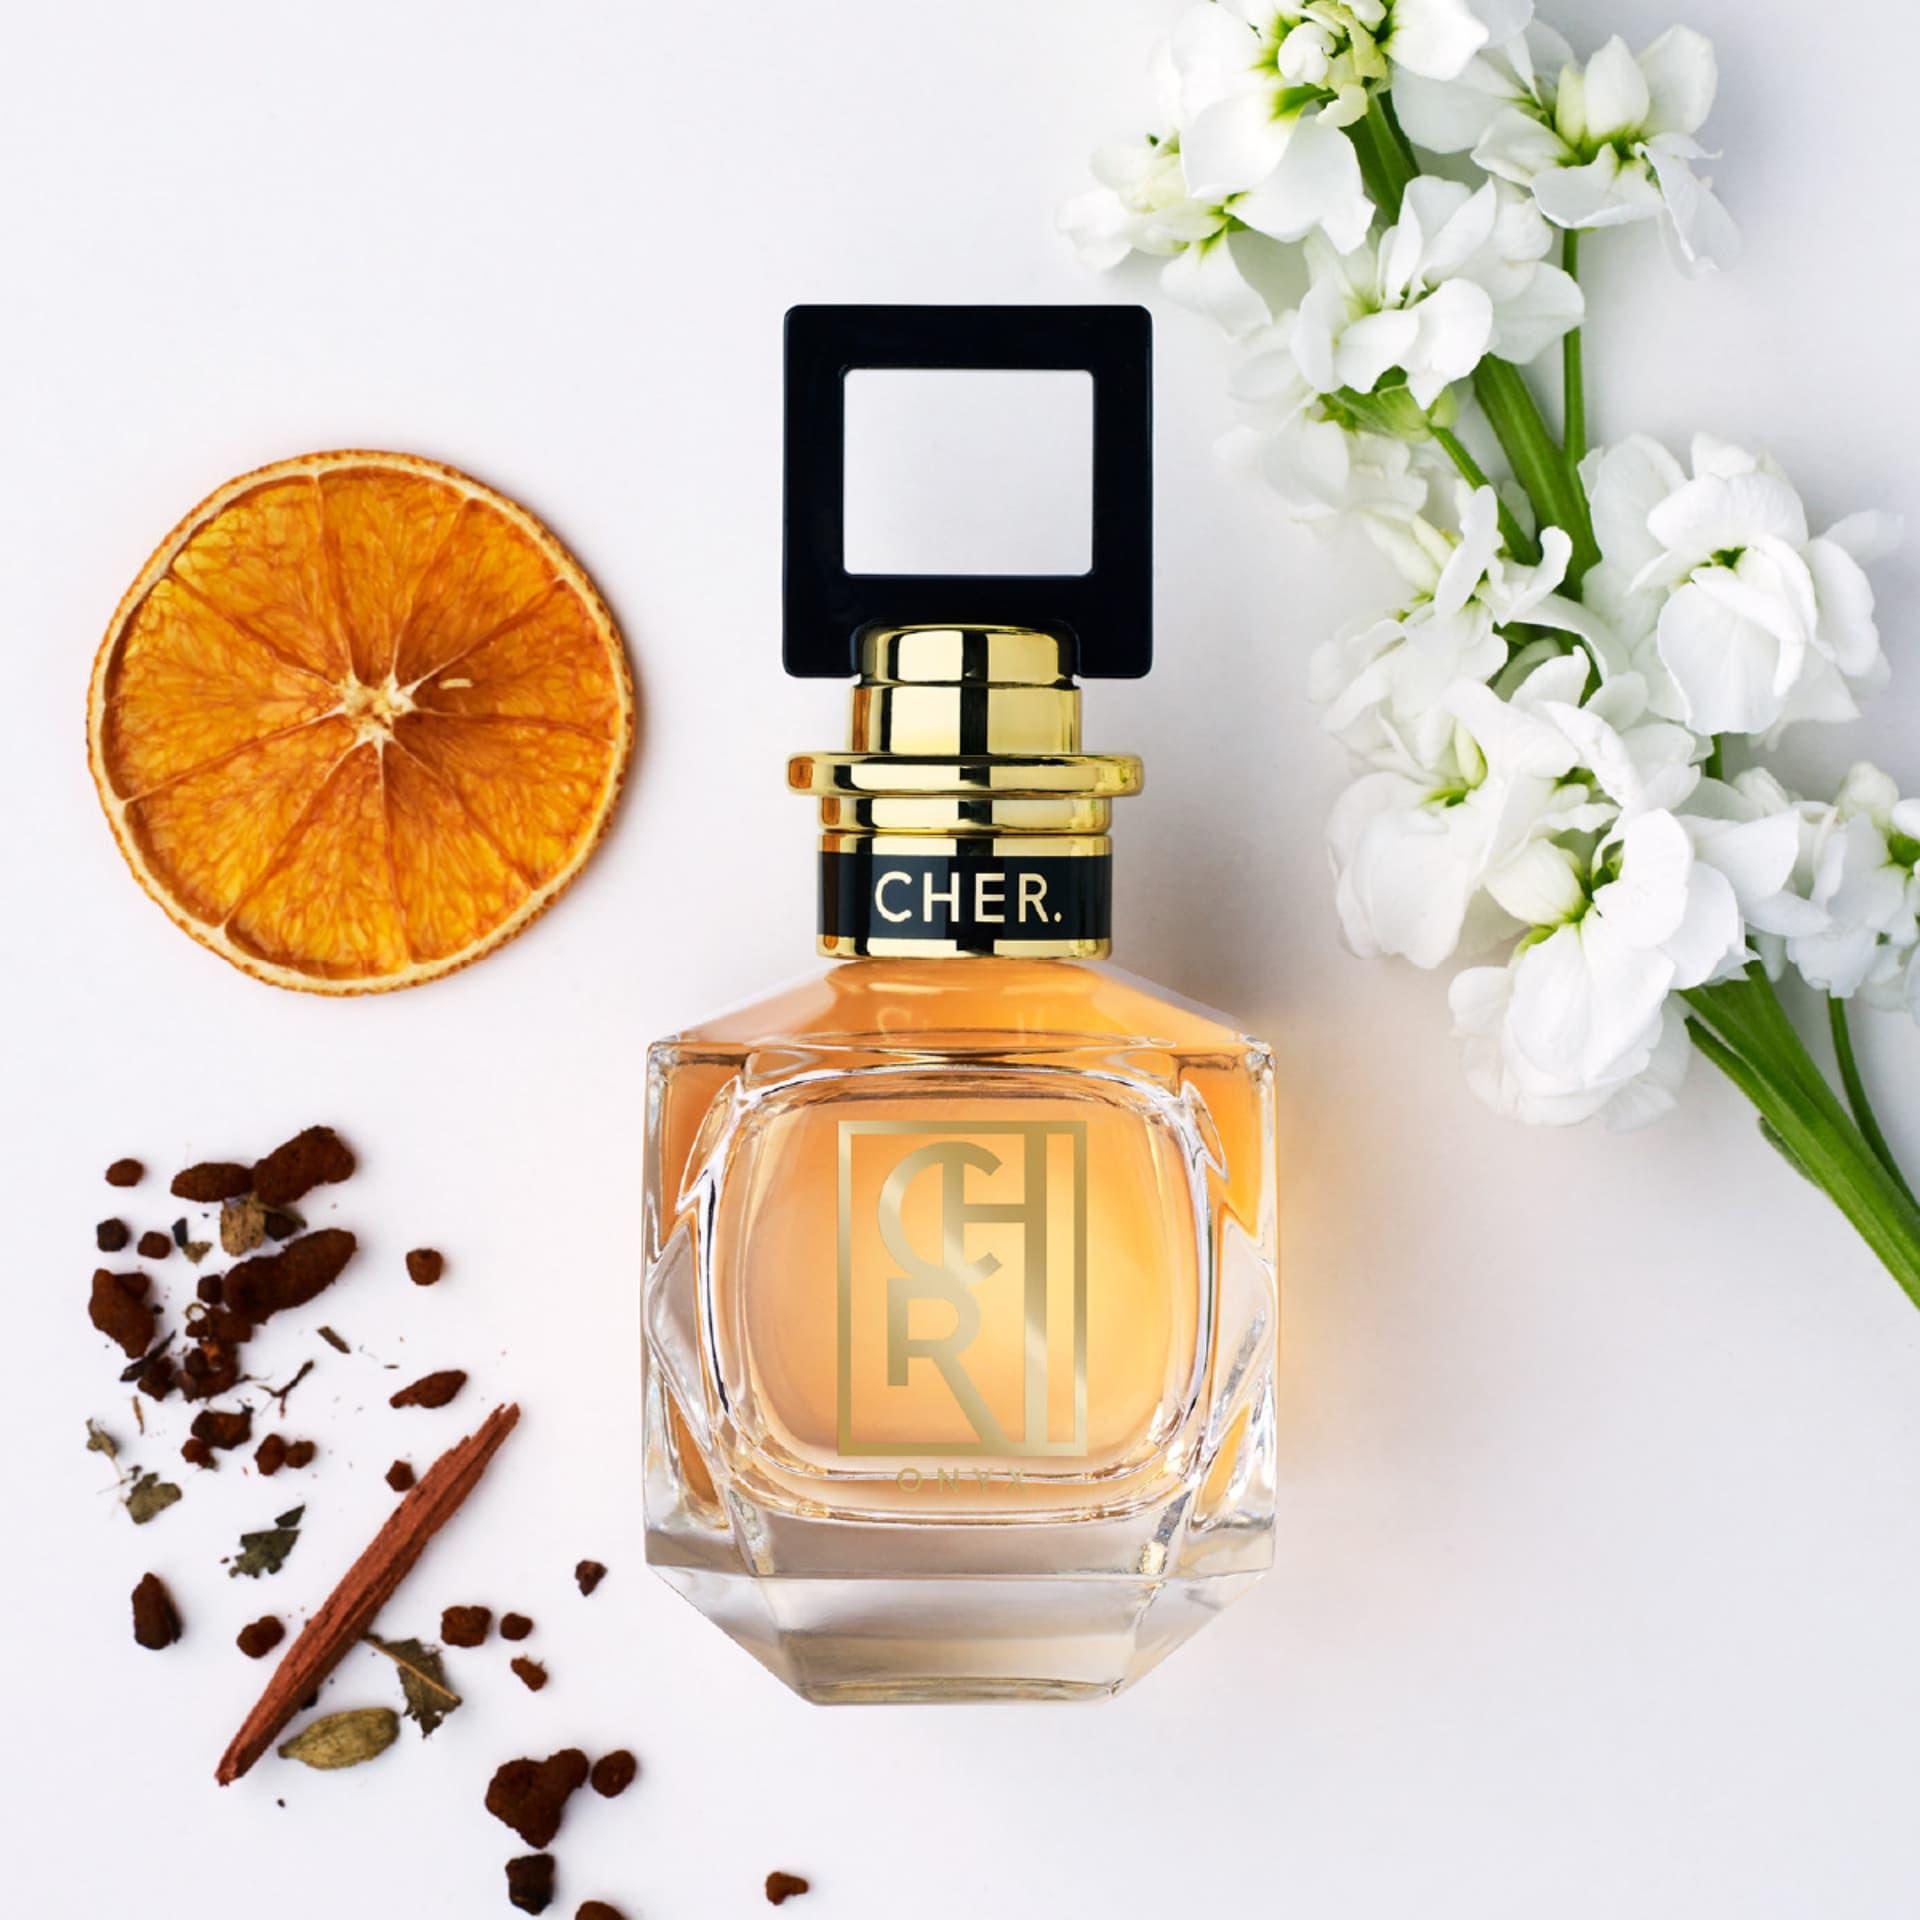 Zarci y Onyx dos nuevos perfumes para mujeres de Maria Cher